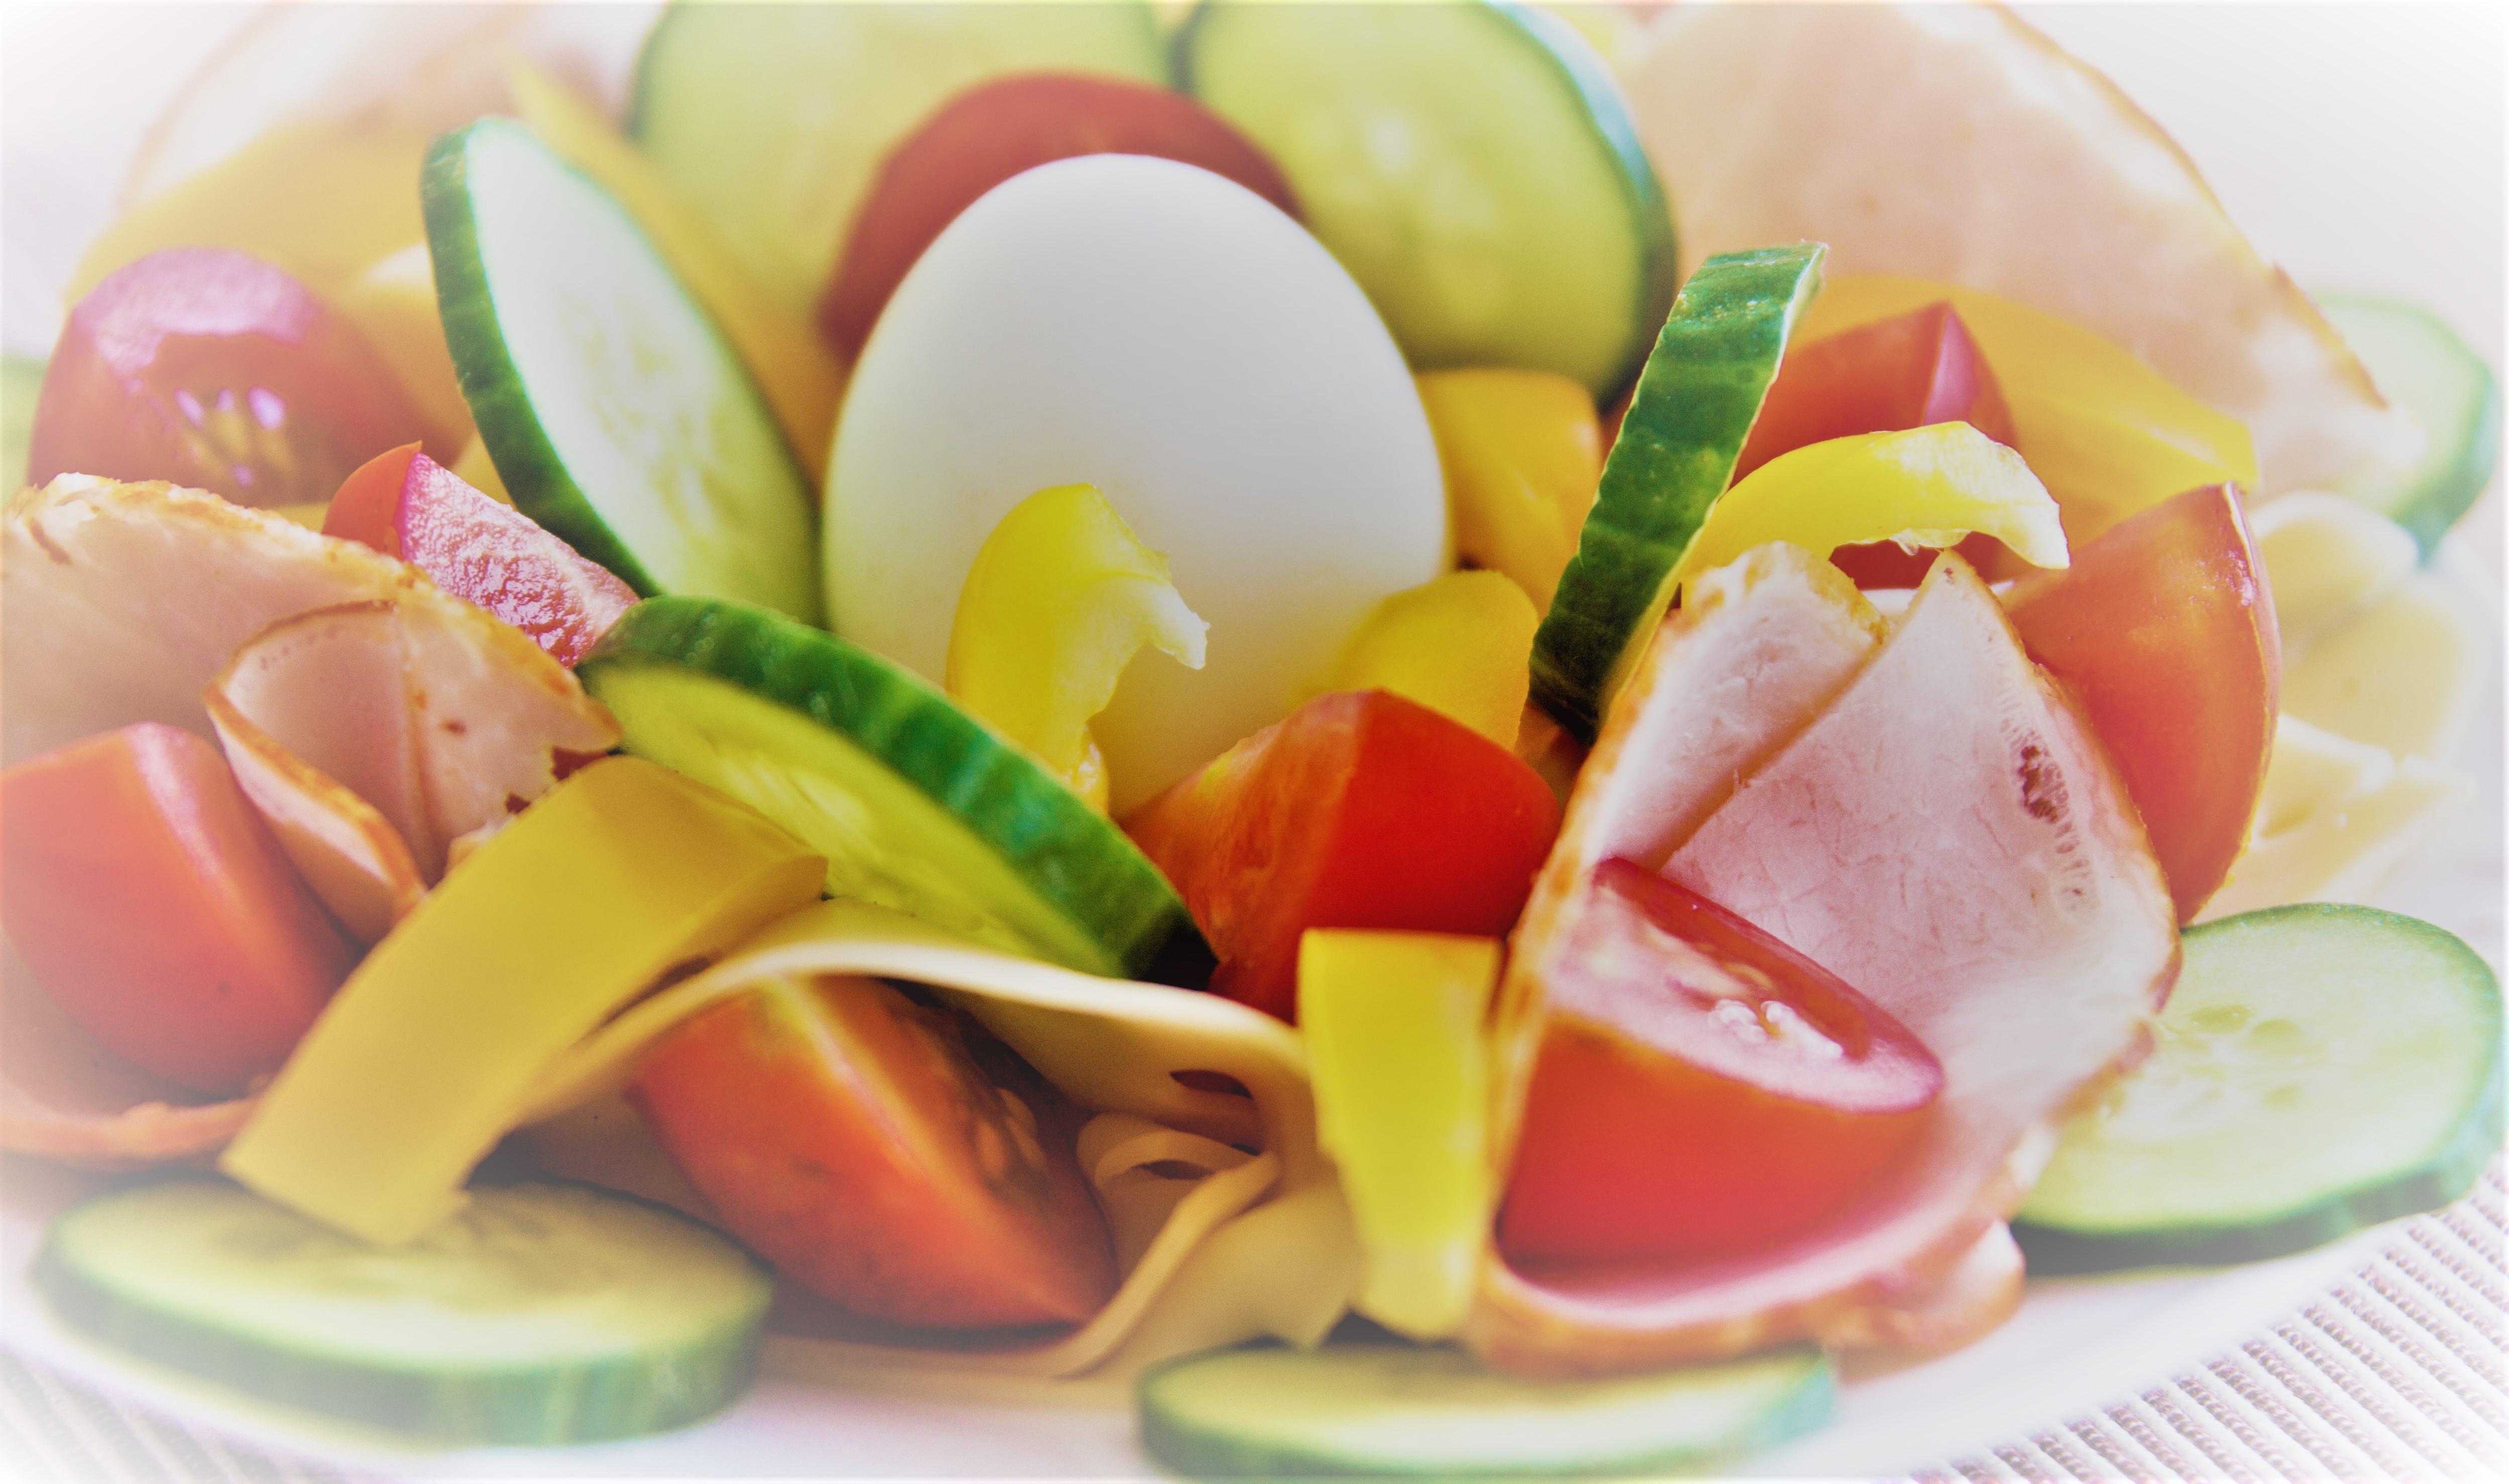 Les fruits et légumes frais sont gages de bonne santé